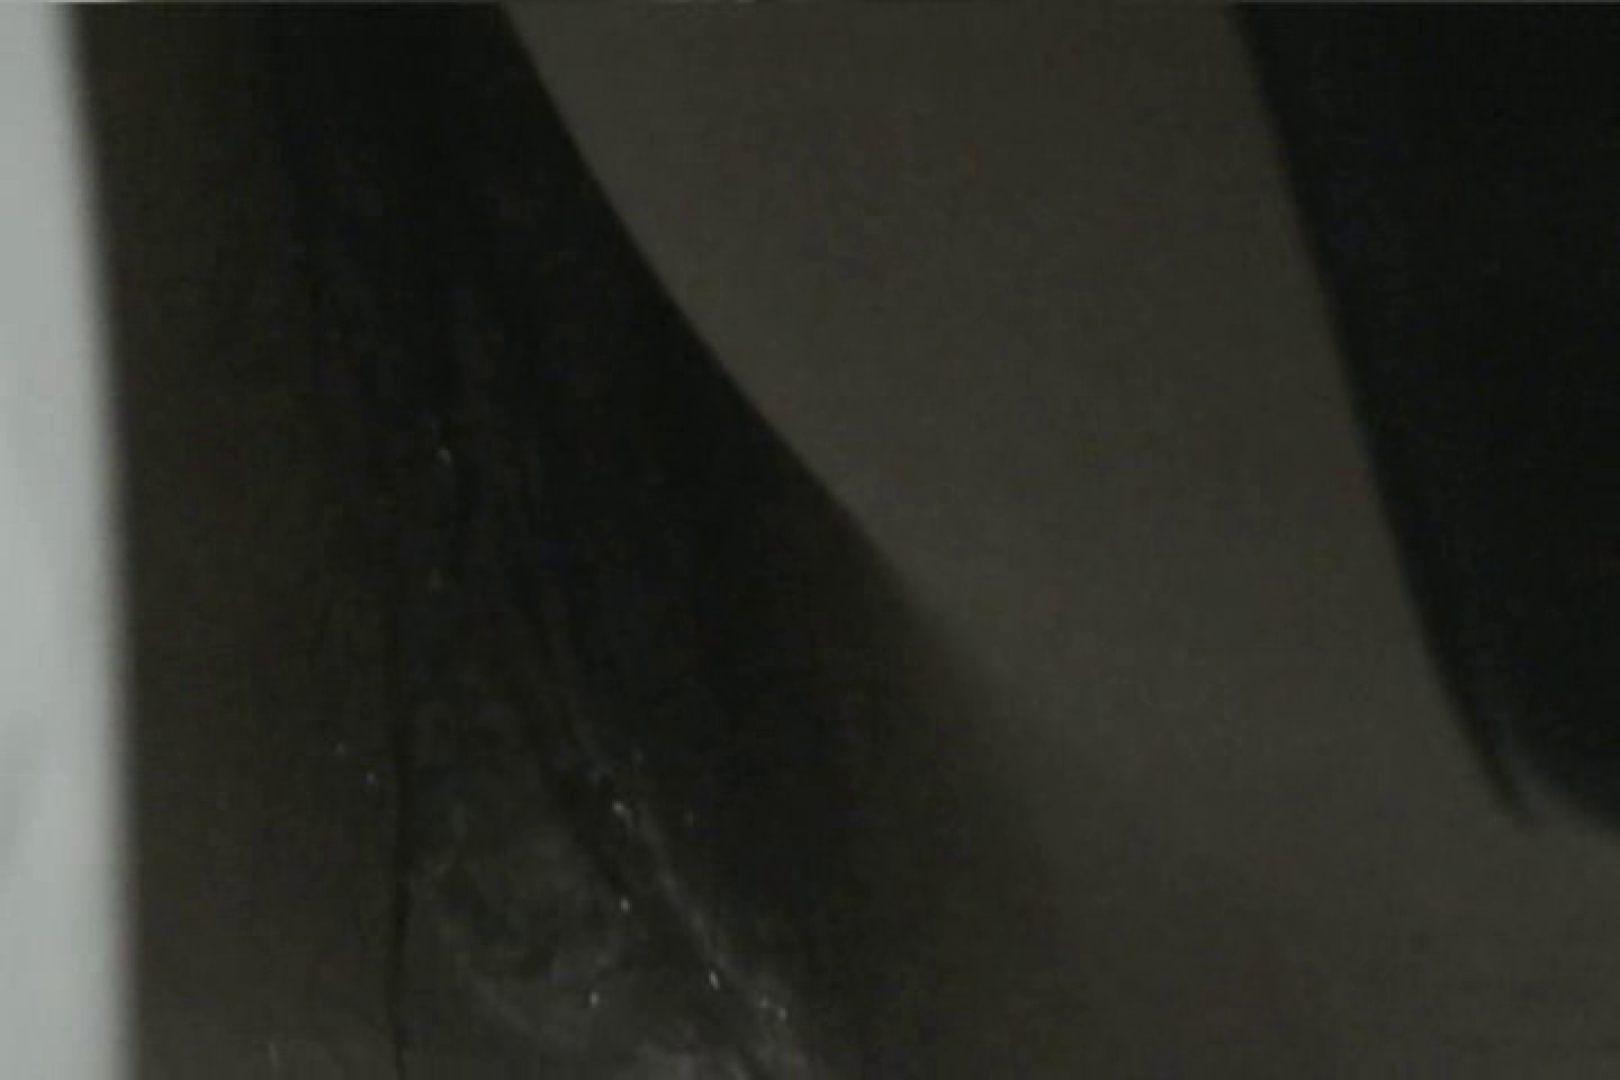 マンコ丸見え女子洗面所Vol.31 丸見え 盗撮ヌード画像 91画像 43